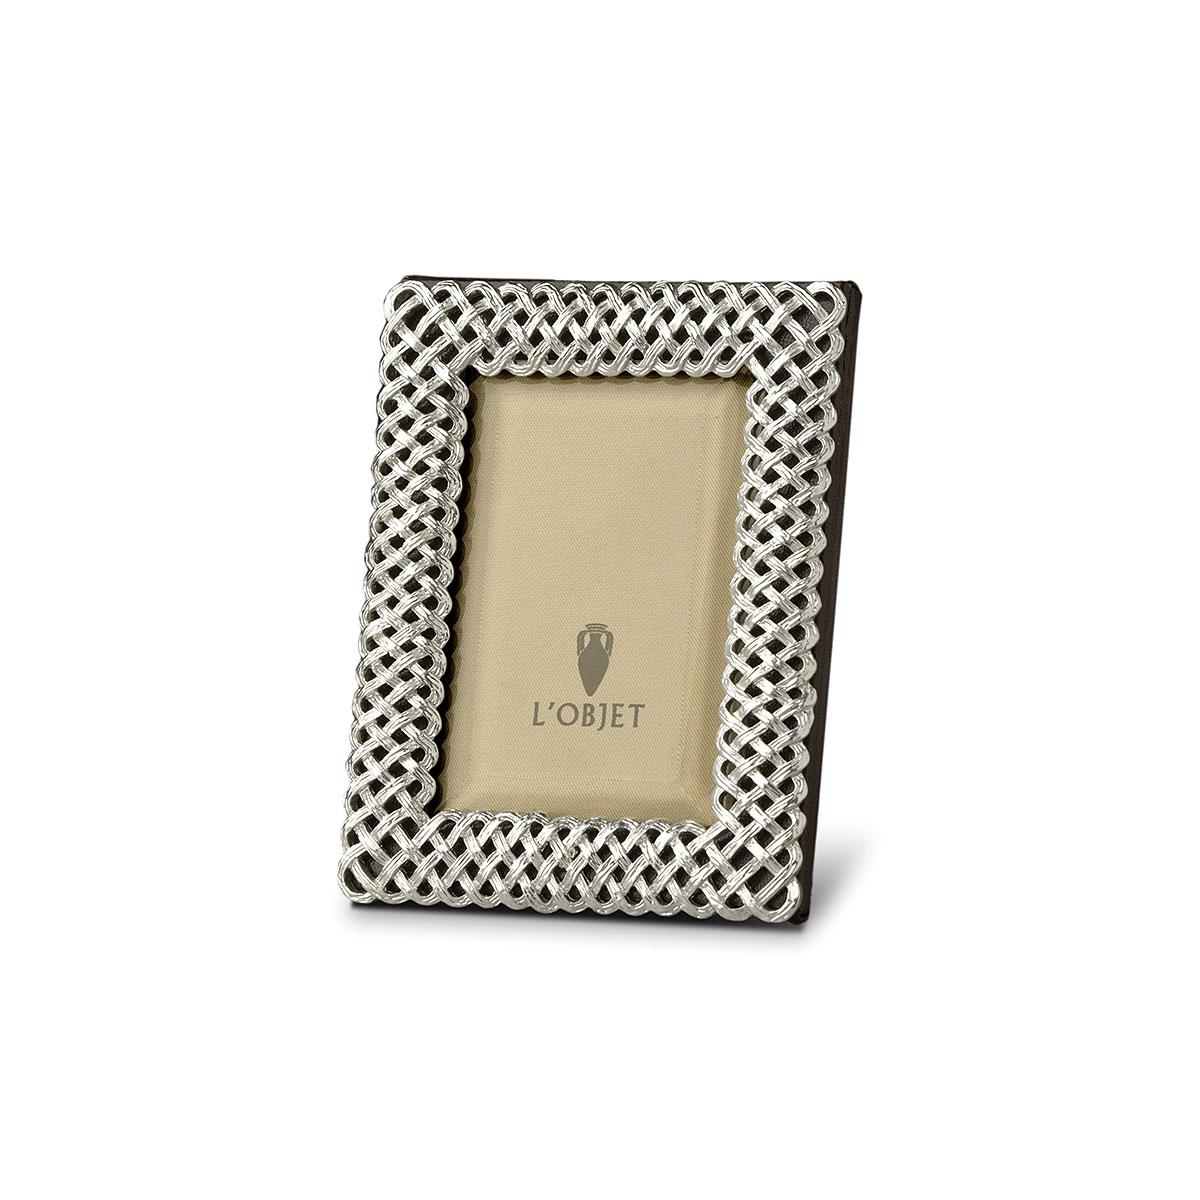 L'Objet I Braid Frame Small Platinum